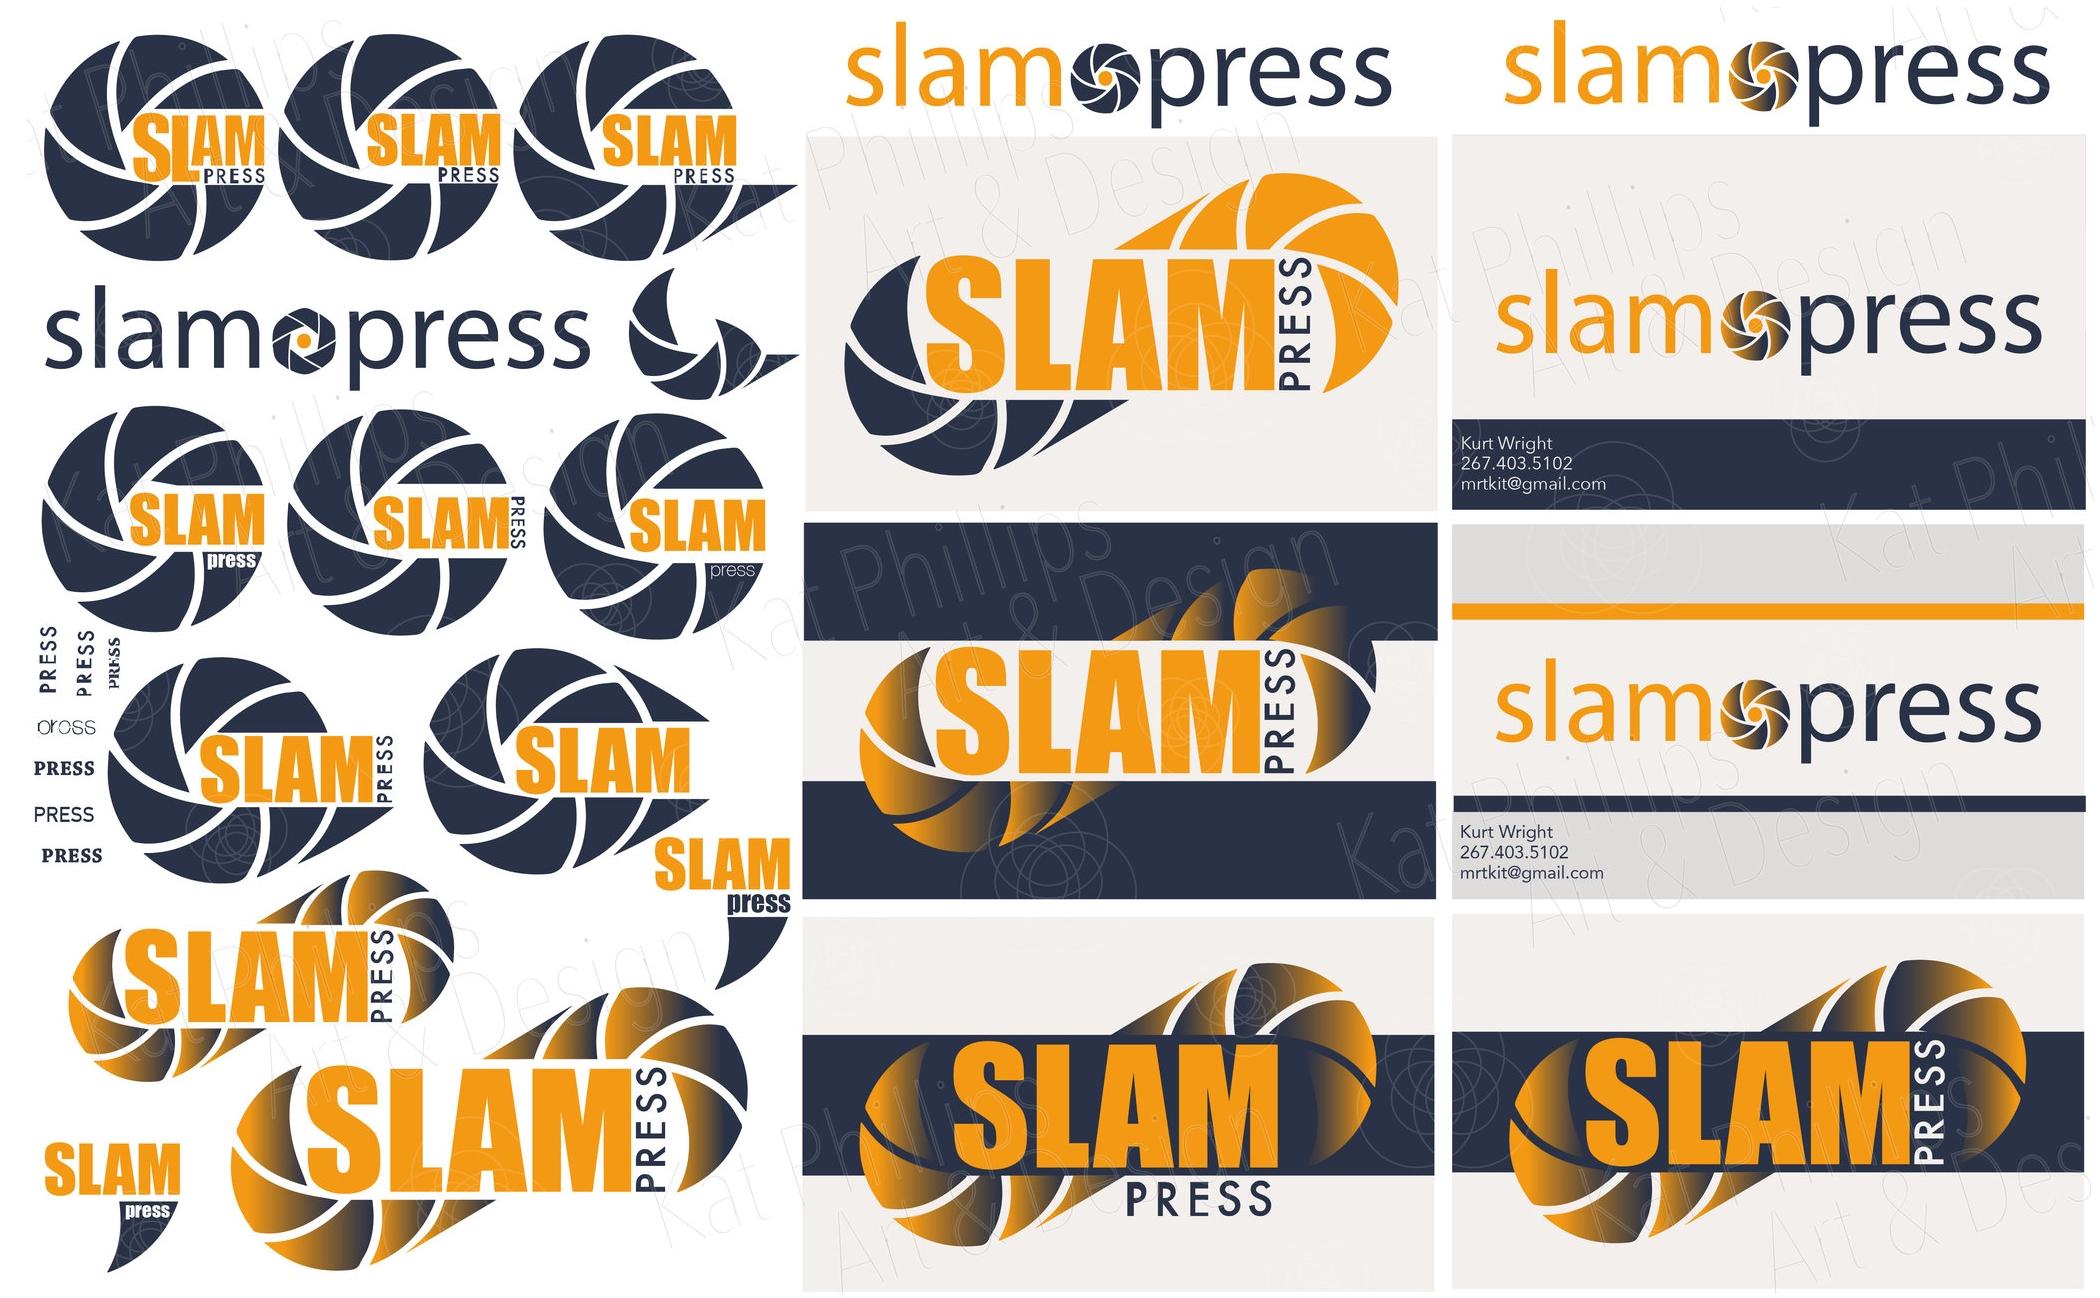 SLAMPRESS PROOFS